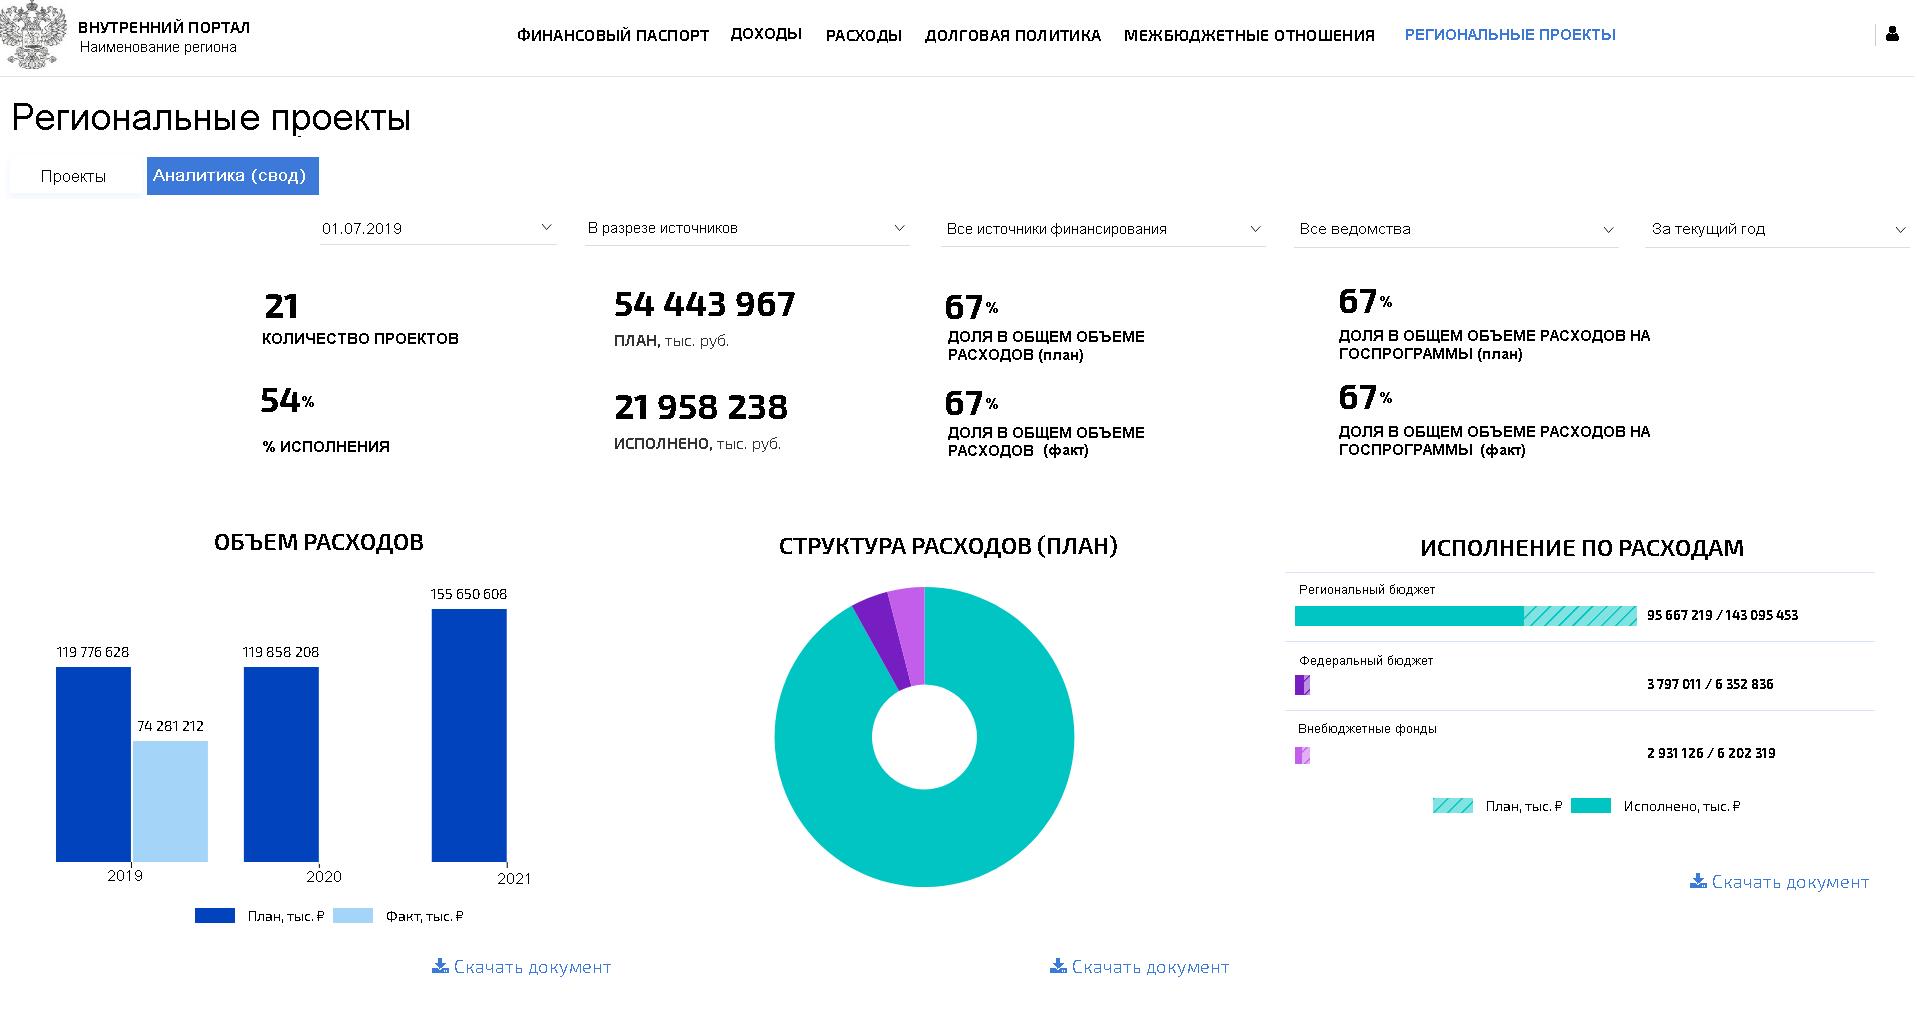 Мониторинг национальных проектов: онлайн-контроль на региональном уровне